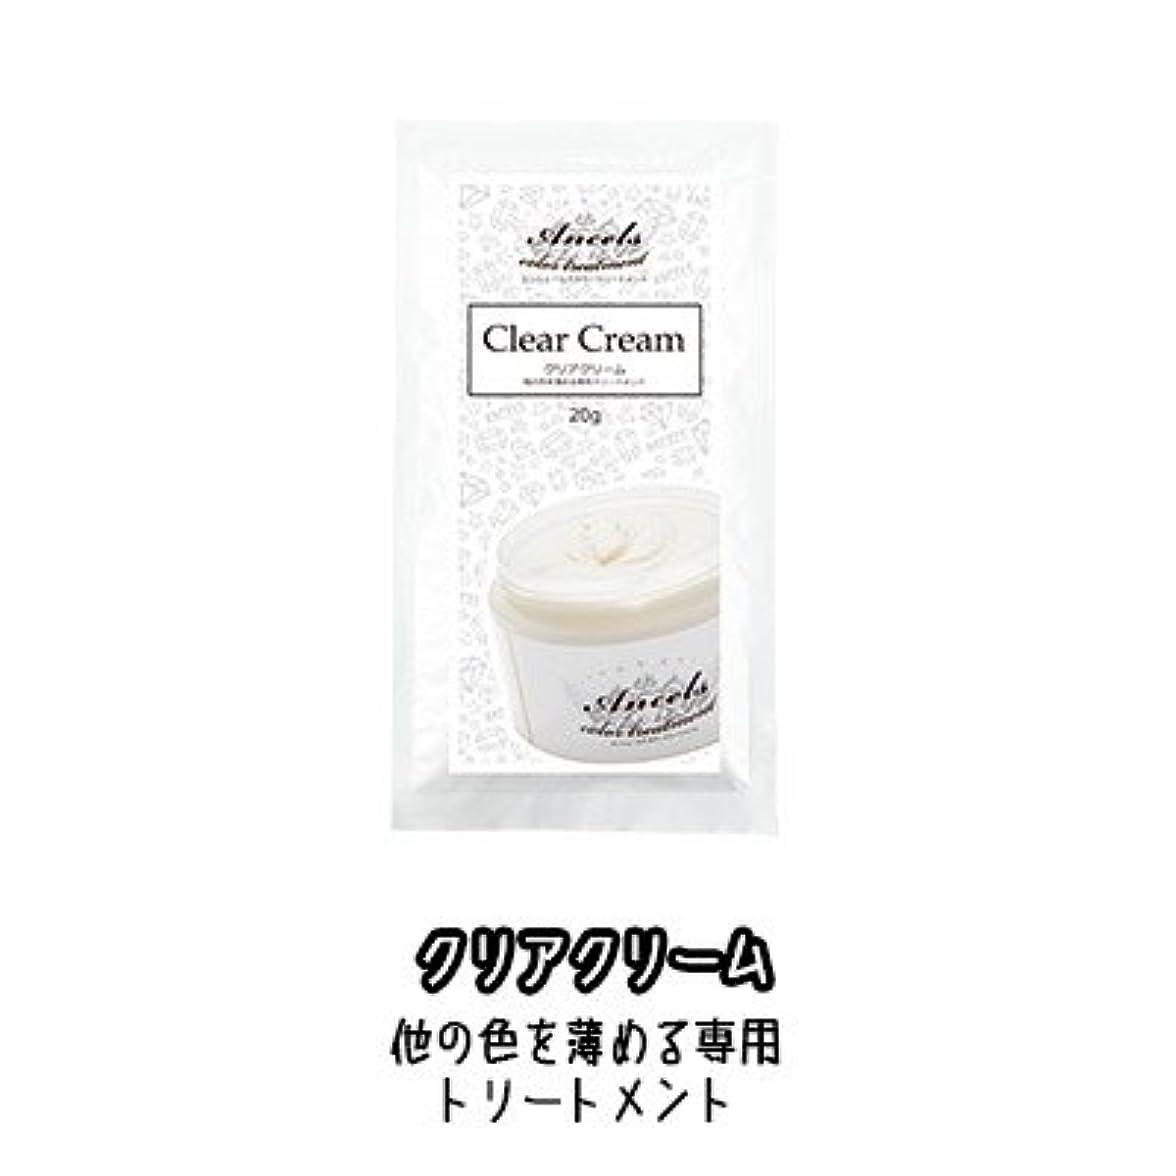 エンシェールズ カラートリートメントバター プチ(お試しサイズ) クリアクリーム 20g